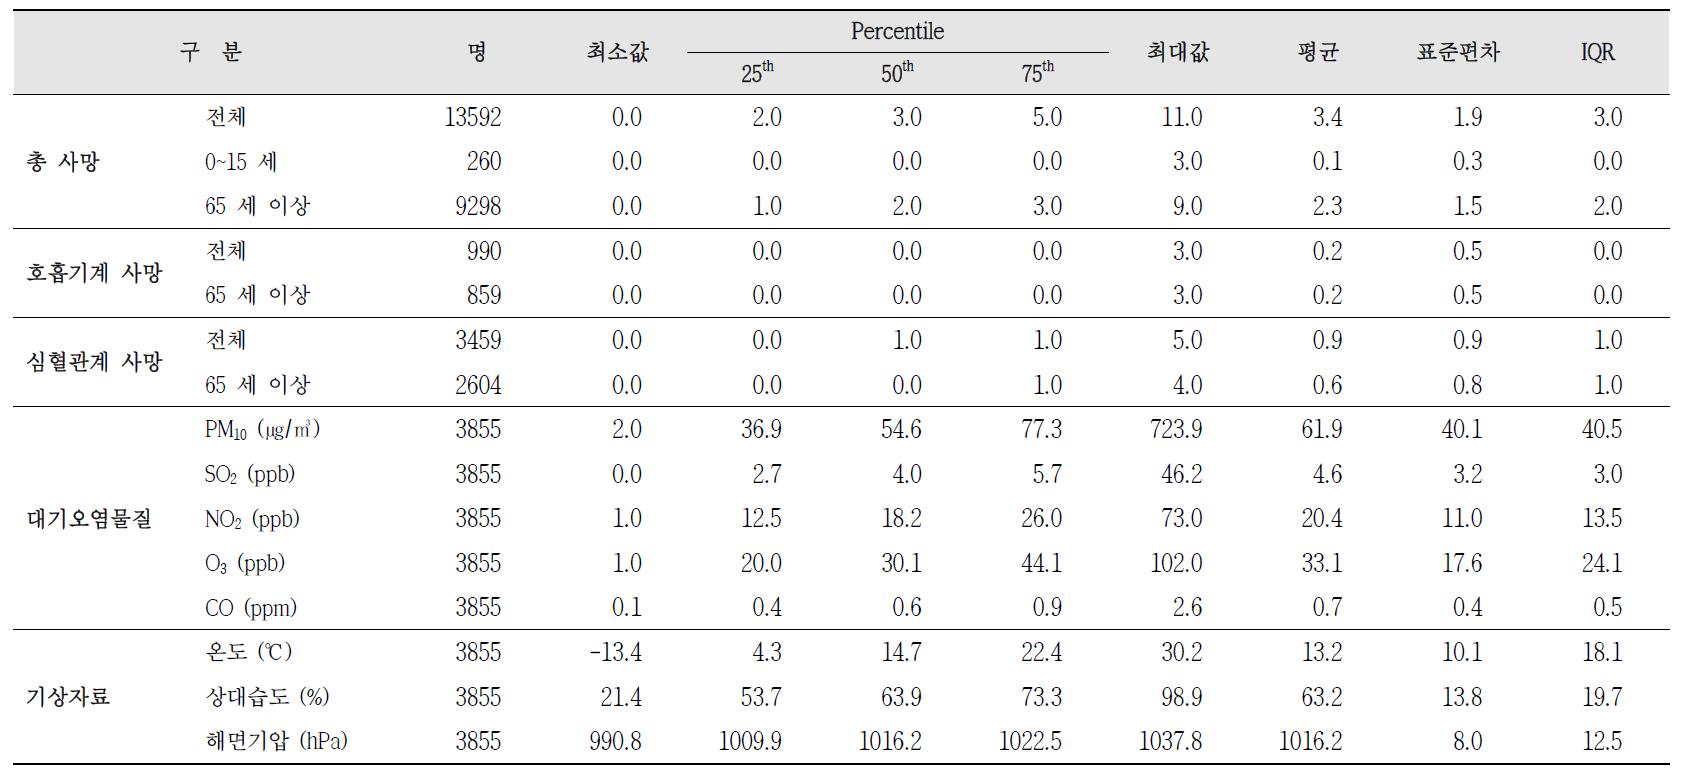 청주시 흥덕구 사망자수, 대기오염물질 농도, 기상데이터 기술통계(2001~2011년)